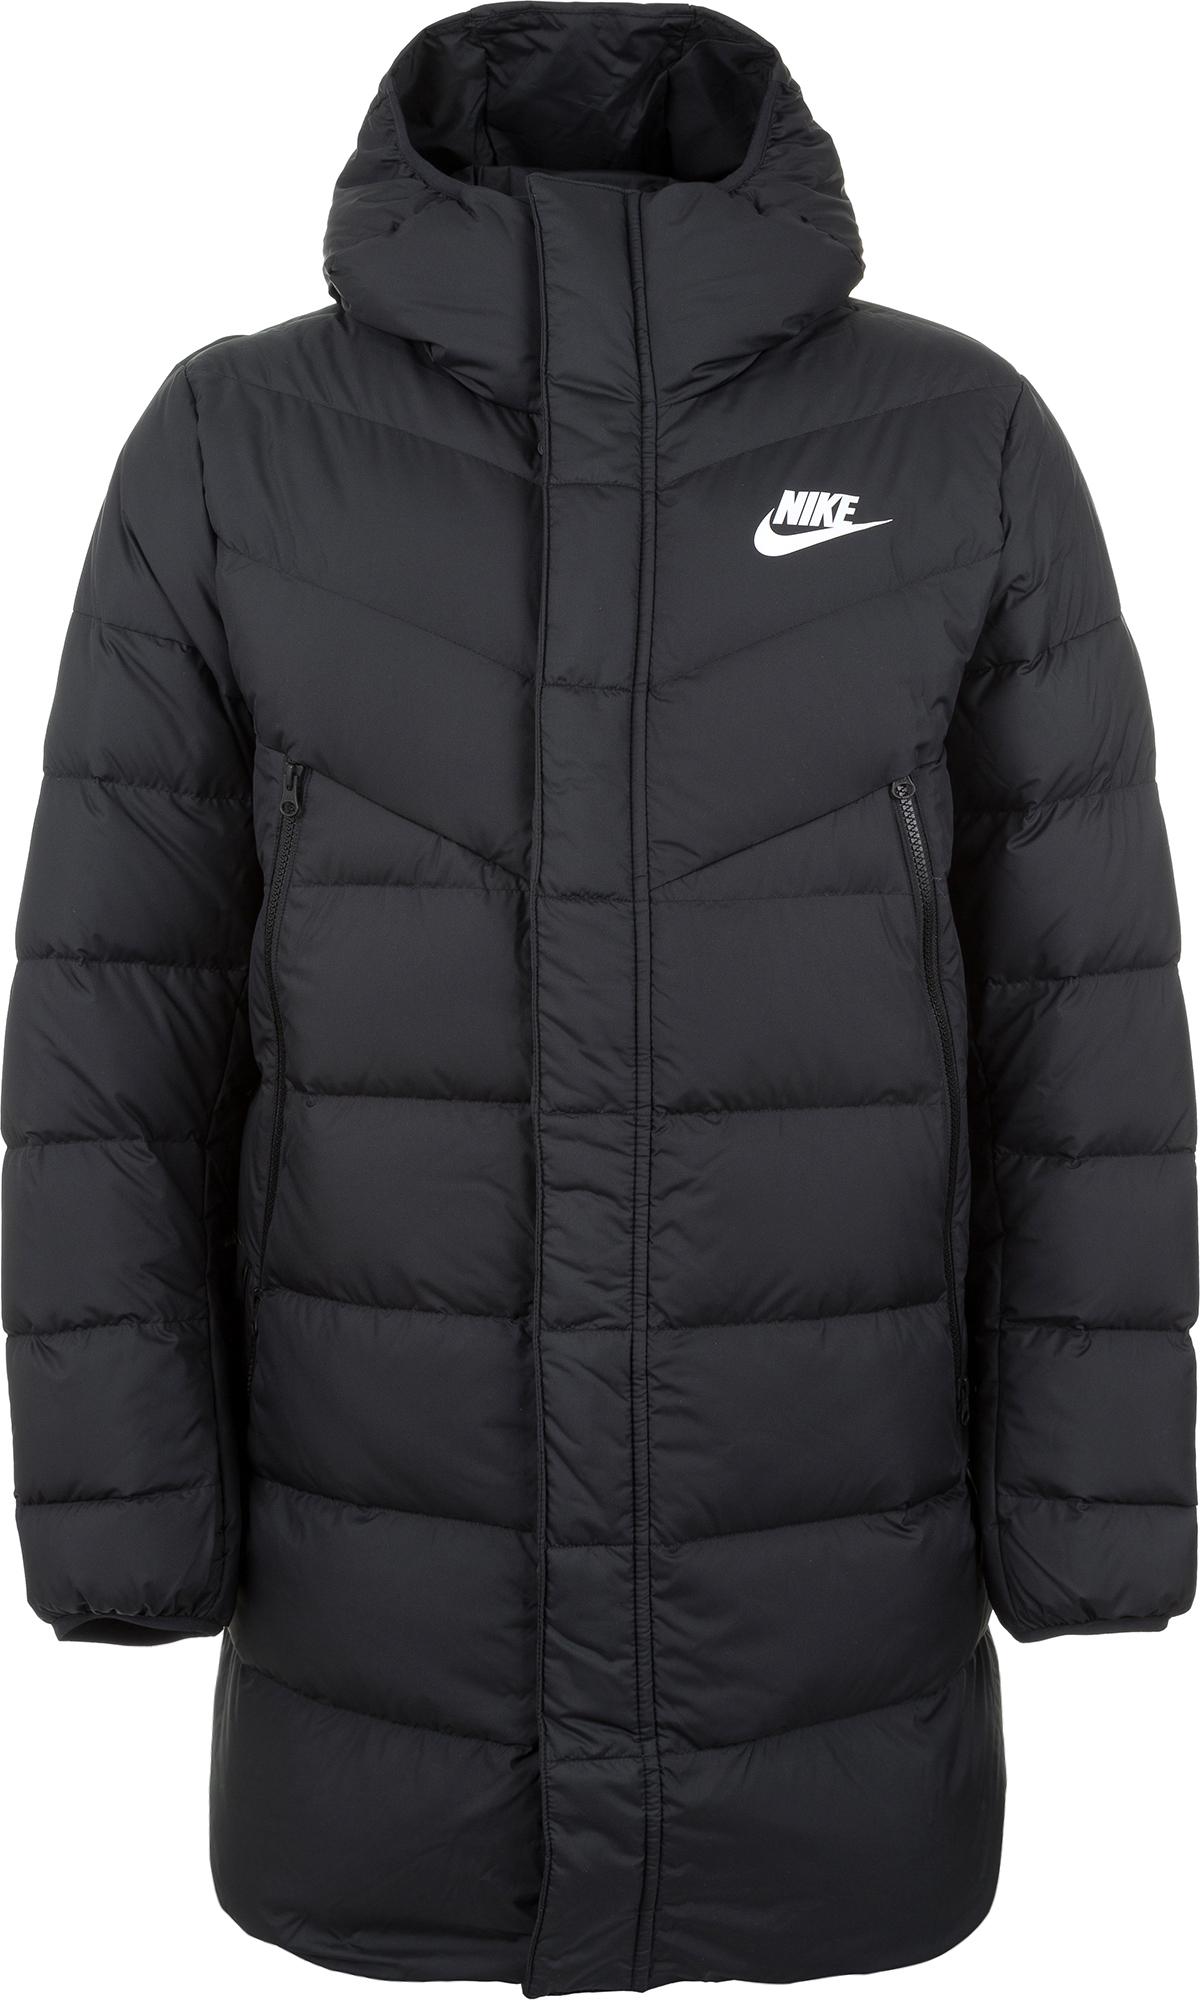 цена на Nike Куртка пуховая мужская Nike Windrunner, размер 54-56